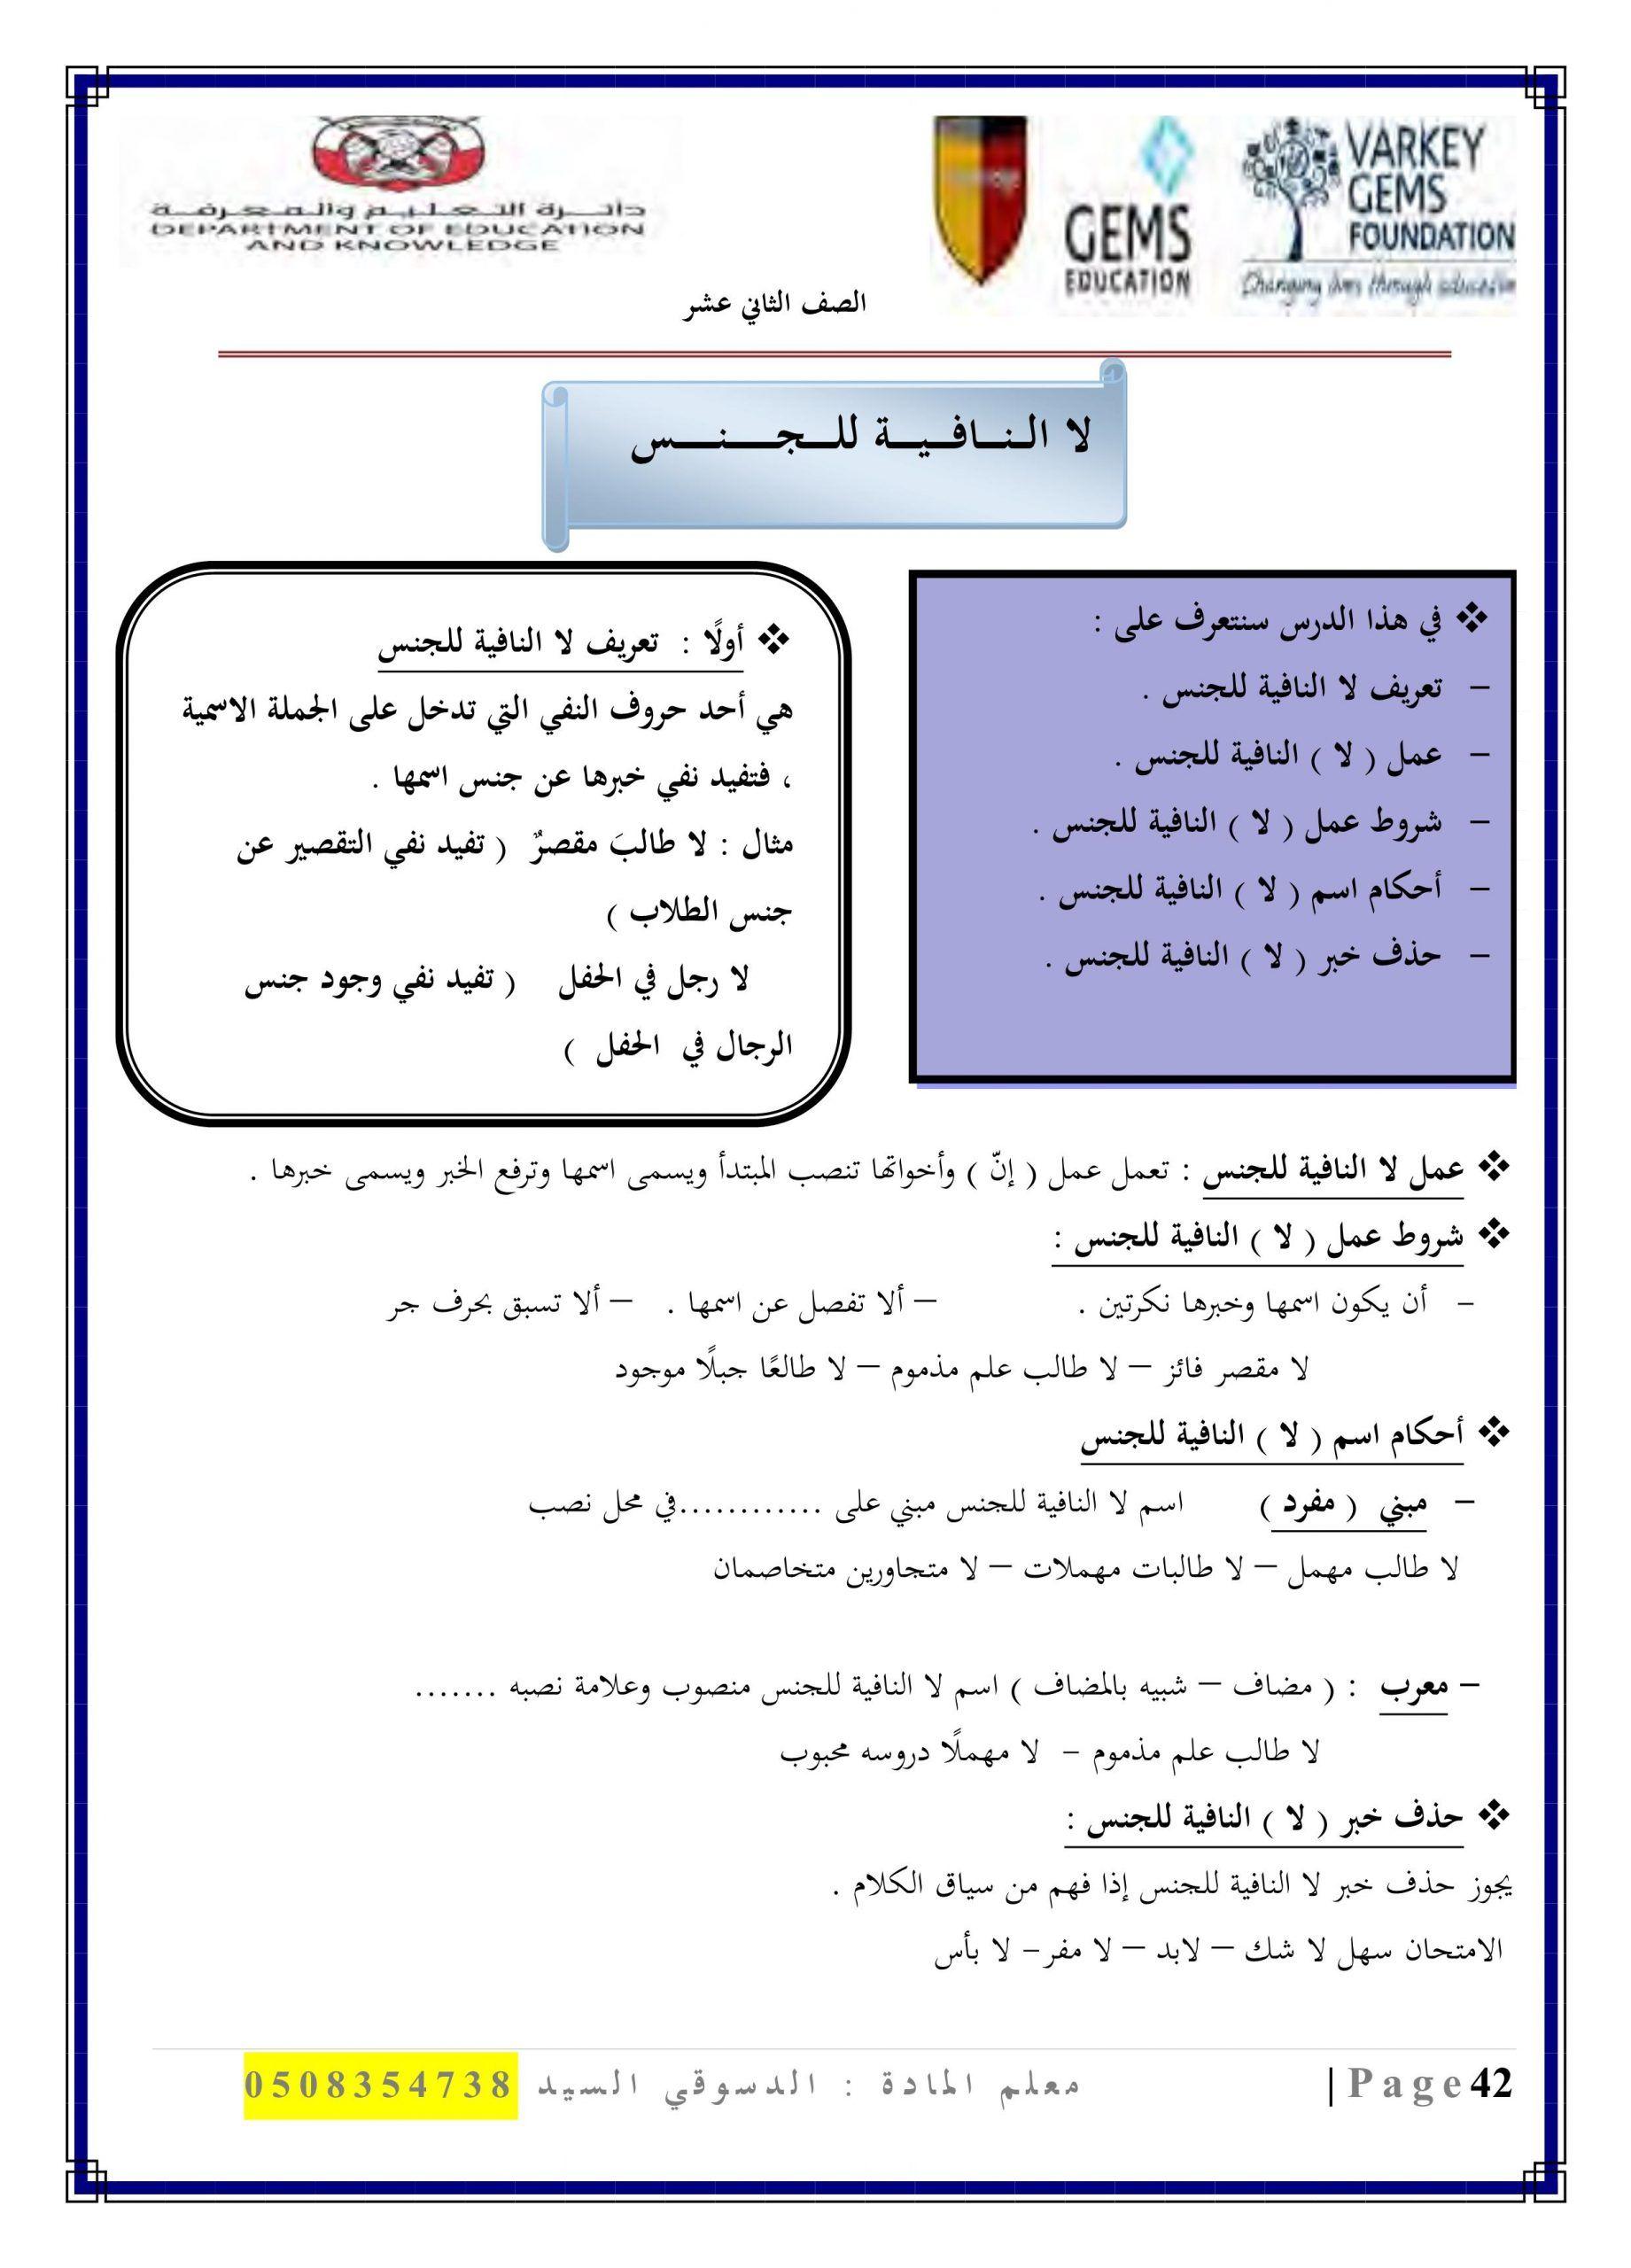 ورقة عمل لا النافية للجنس الصف الثاني عشر مادة اللغة العربية Bullet Journal Foundation Journal